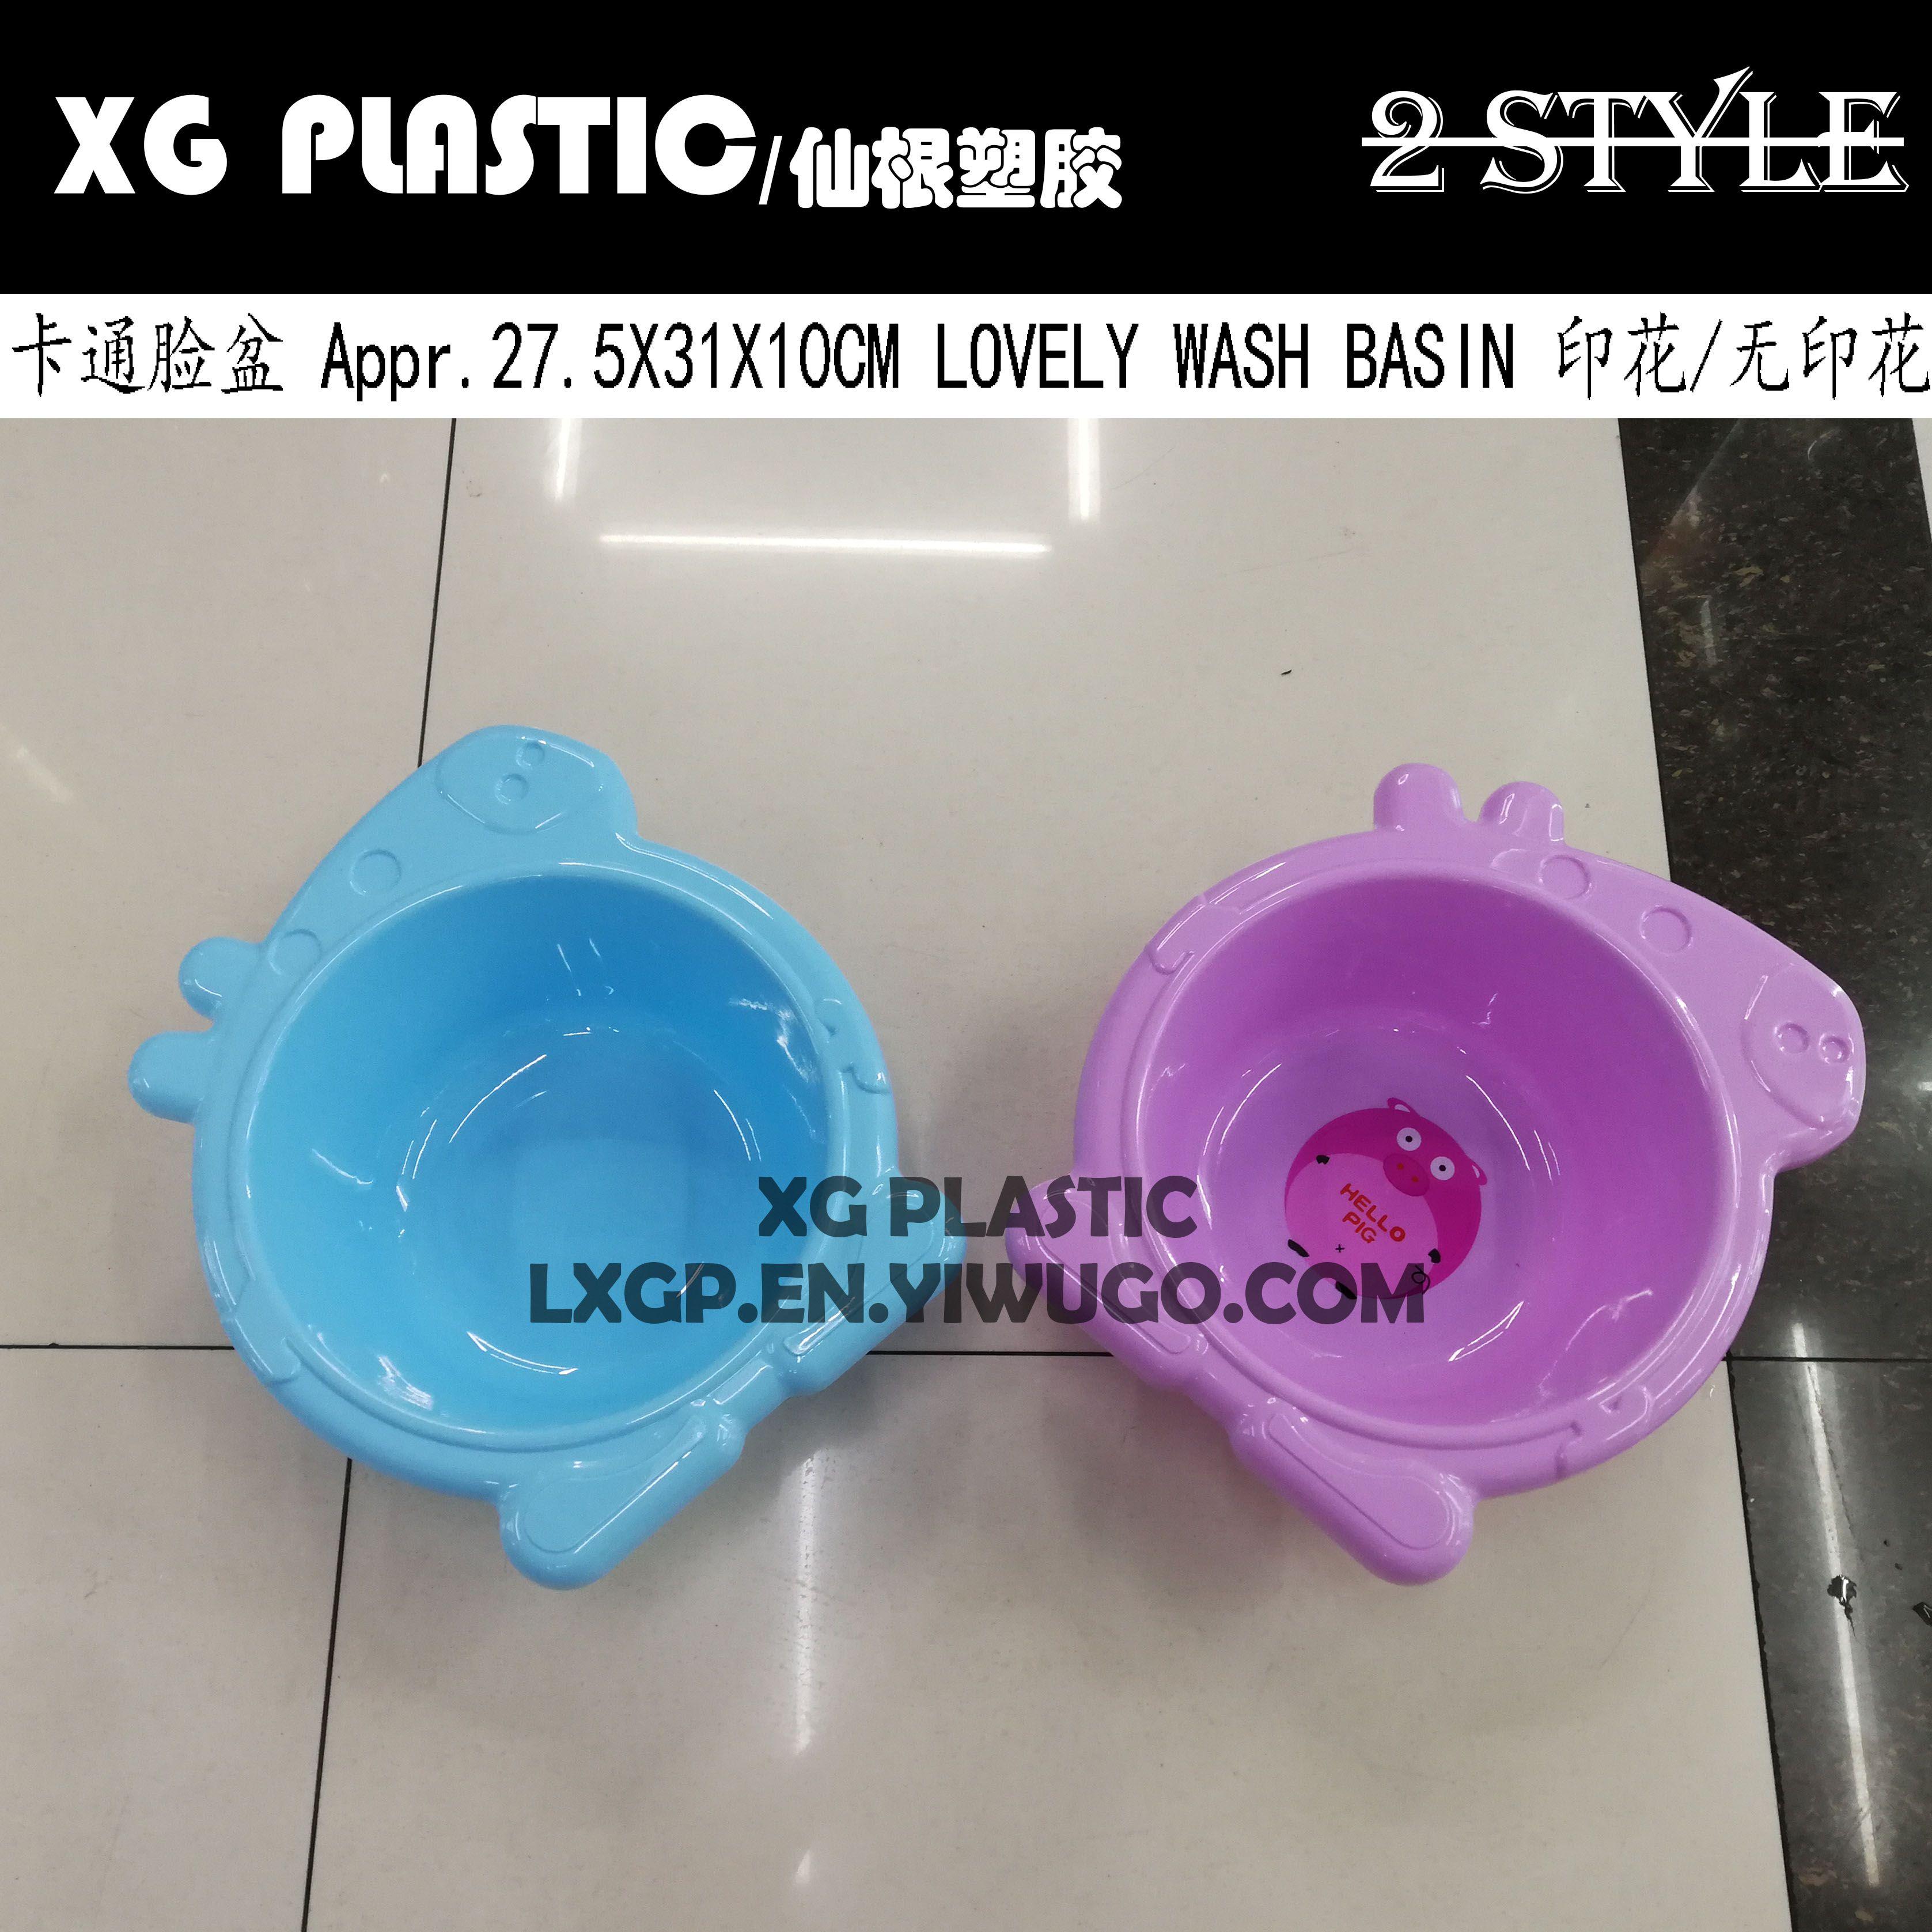 塑料印花猪脸盆可爱塑料盆家用洗脸盆泡脚盆